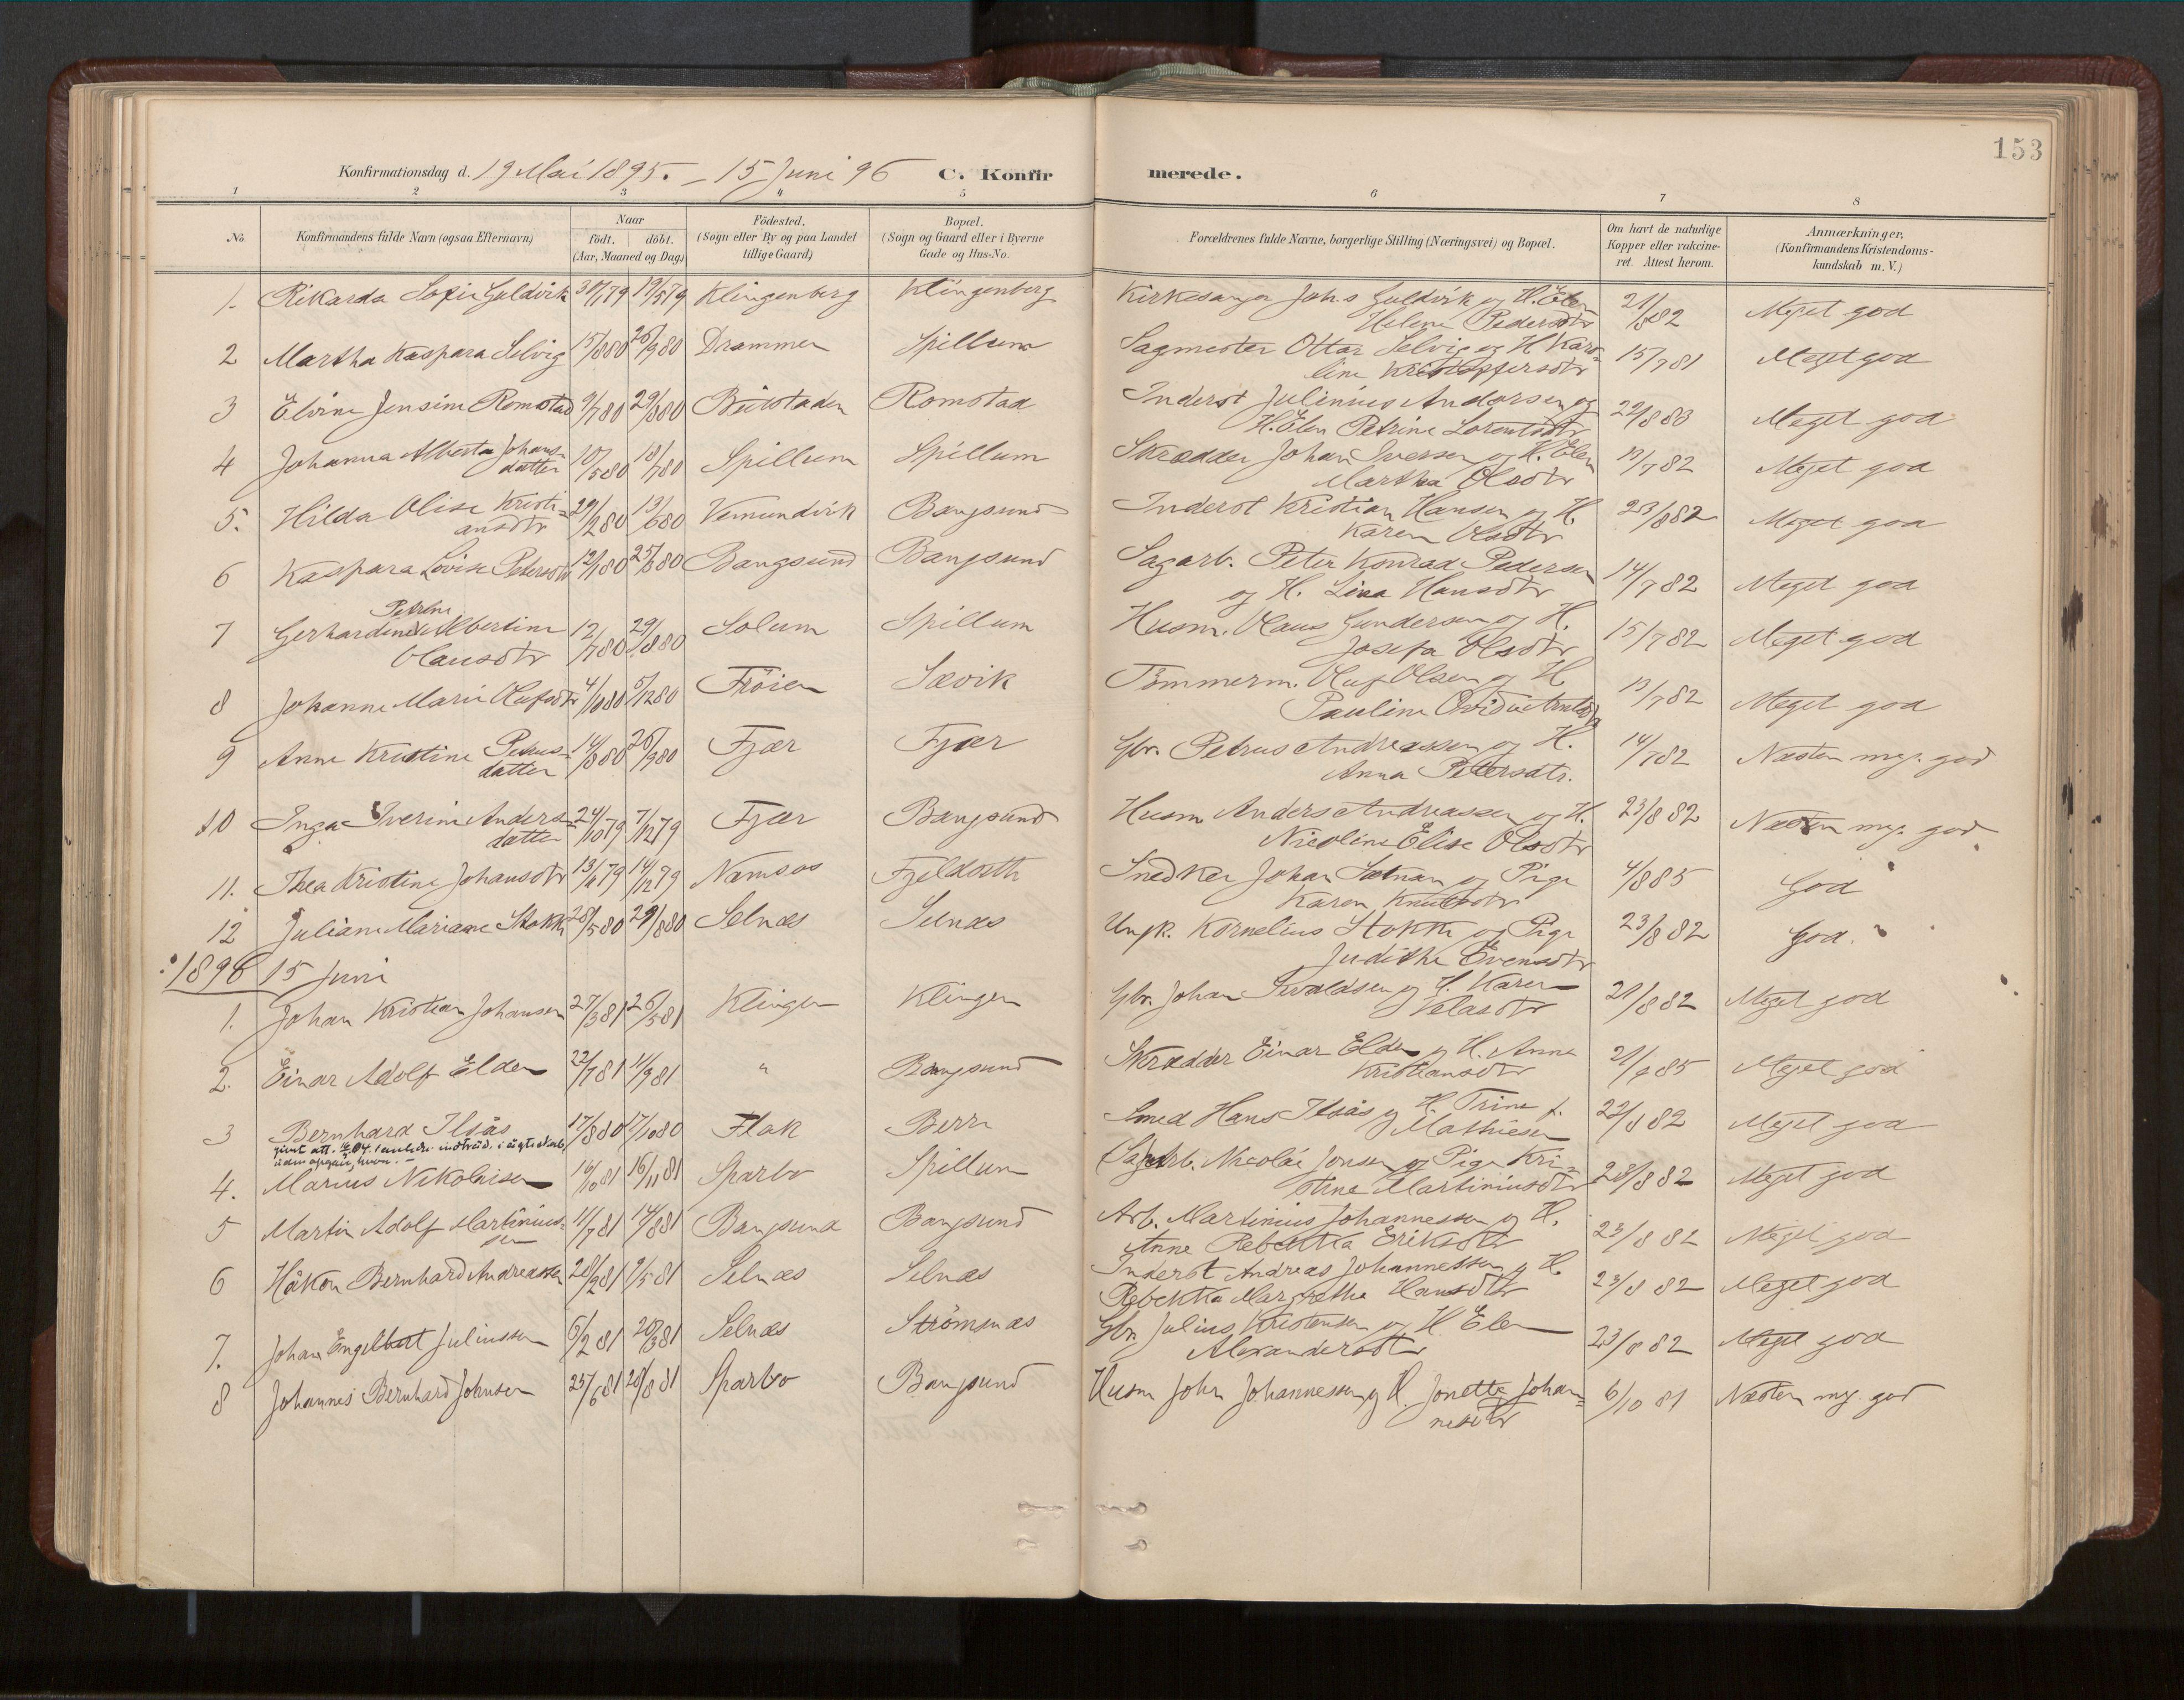 SAT, Ministerialprotokoller, klokkerbøker og fødselsregistre - Nord-Trøndelag, 770/L0589: Ministerialbok nr. 770A03, 1887-1929, s. 153